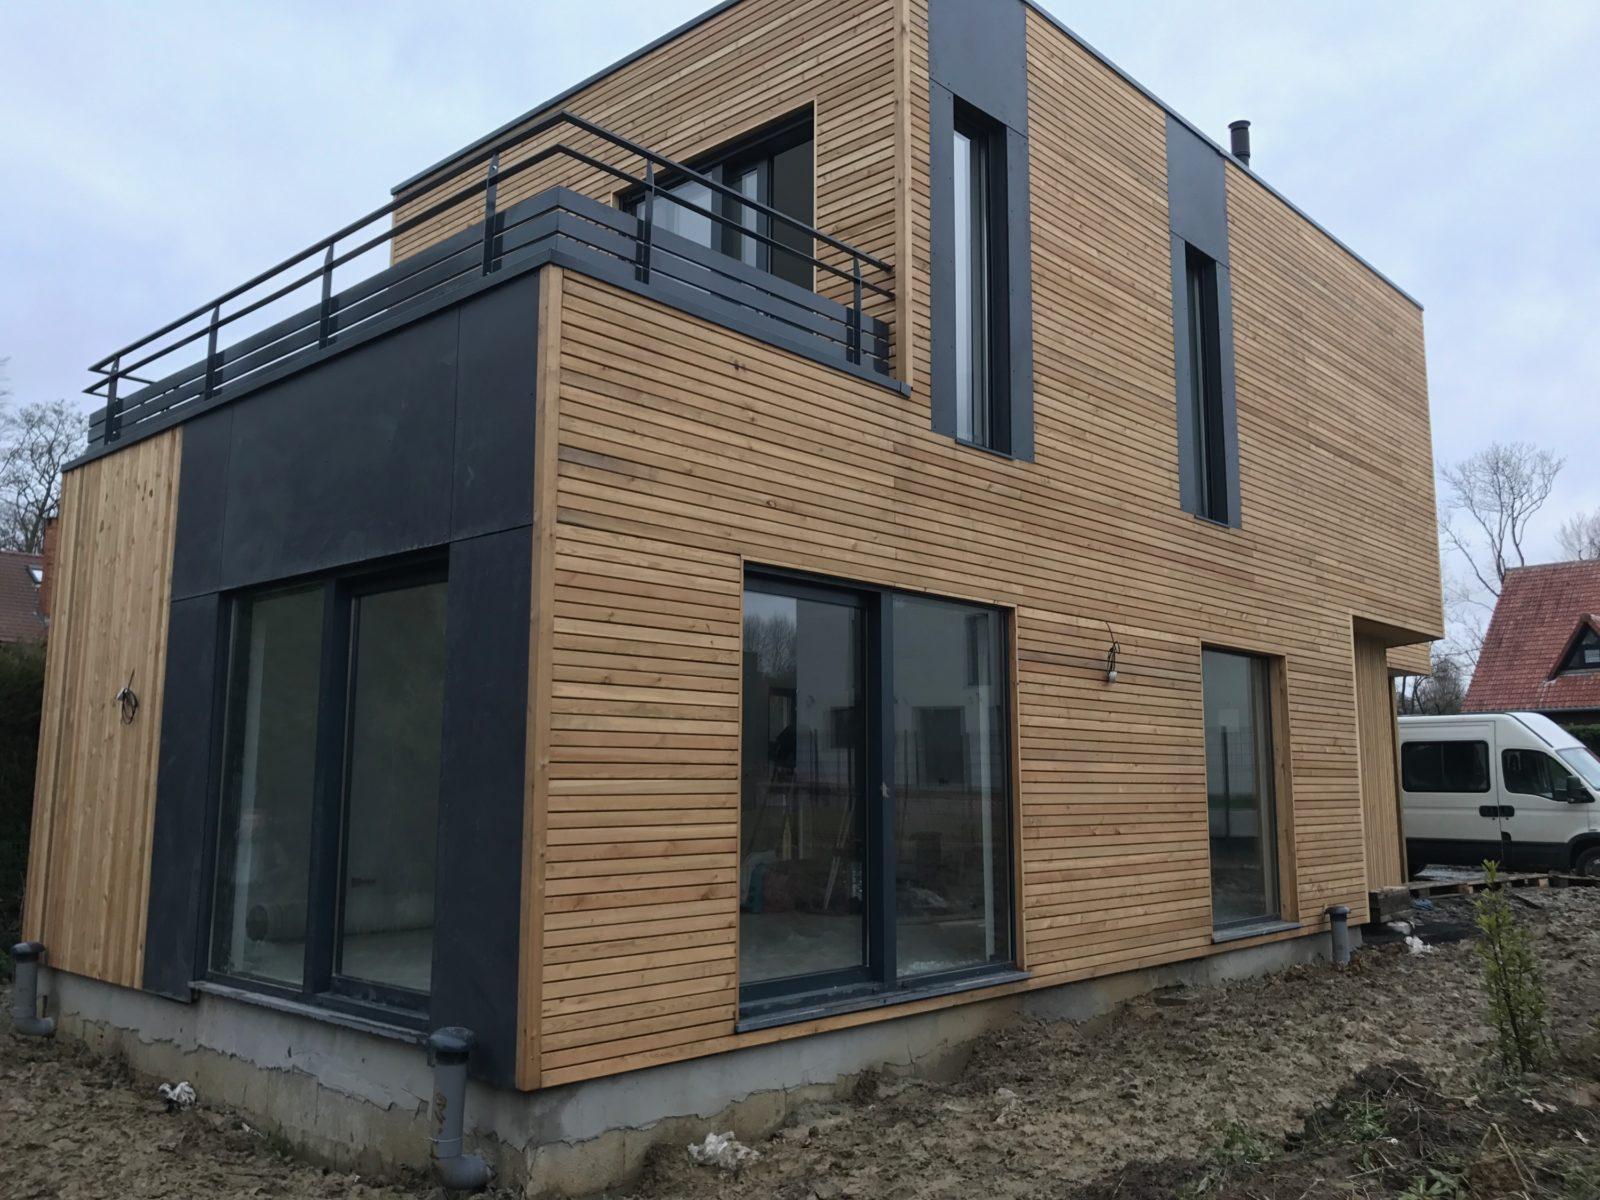 Maison en ossature bois avec toit terrasse